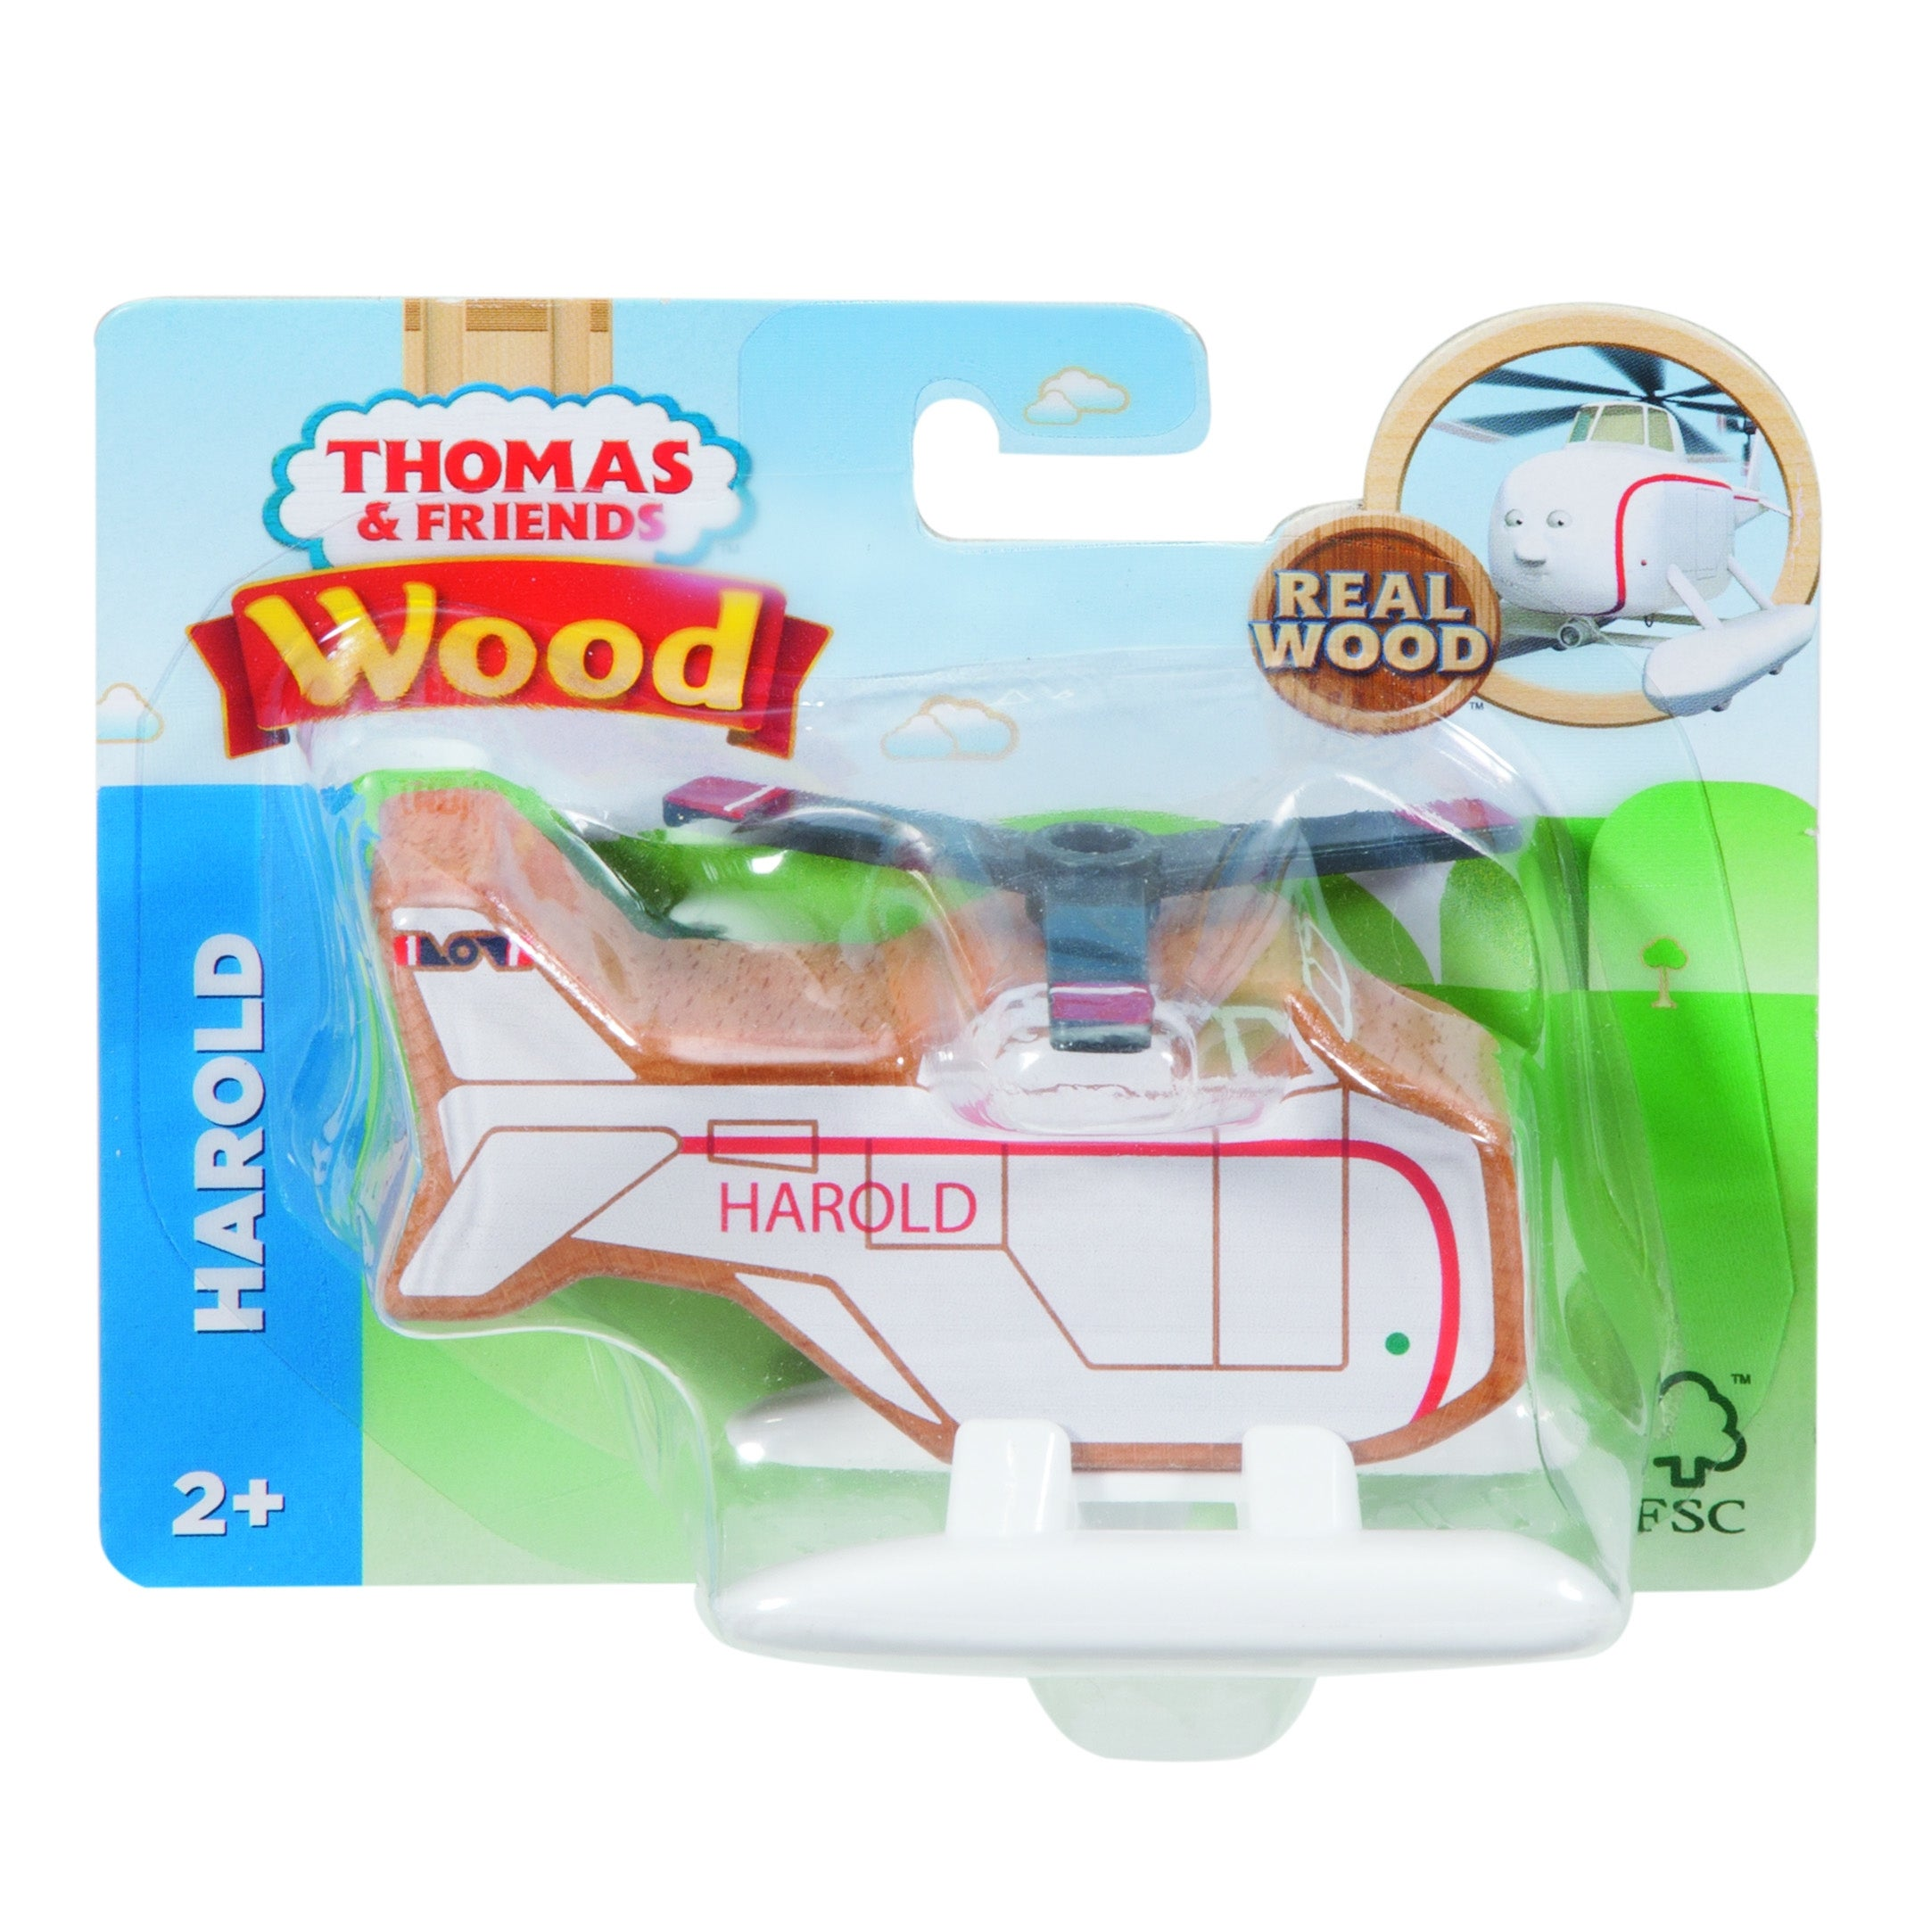 THOMAS WOODEN HAROLD